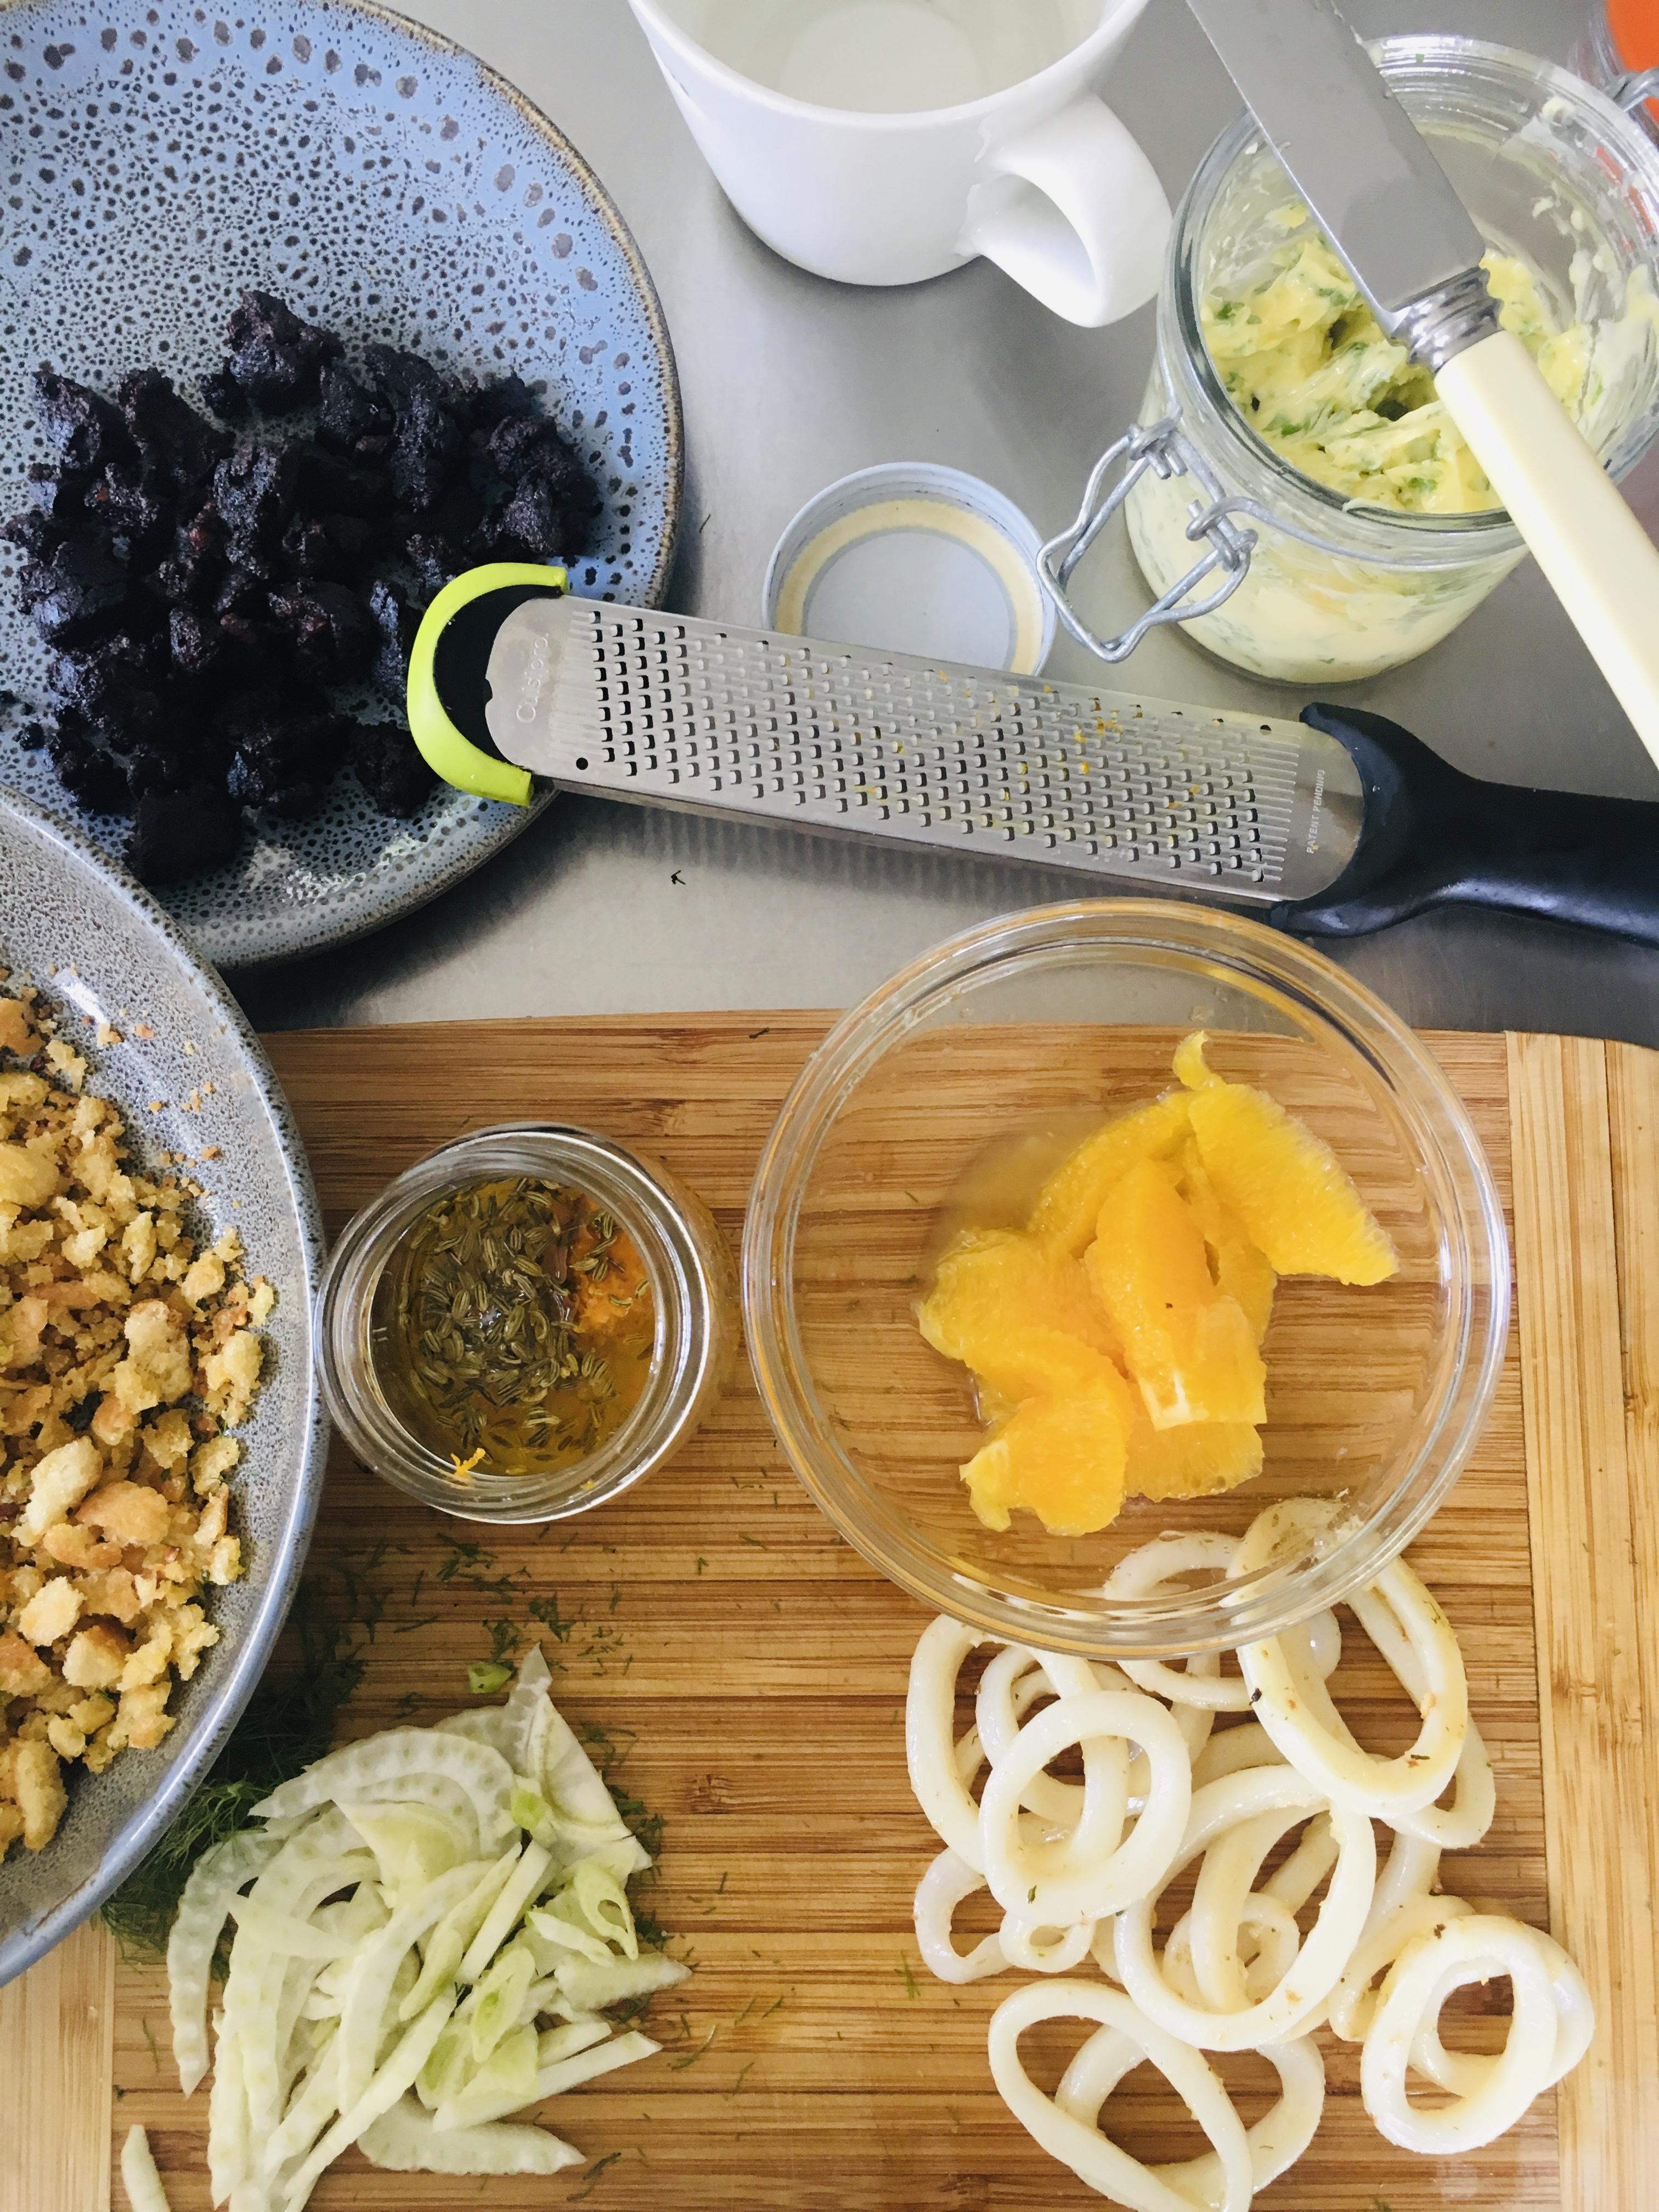 Squid, Fennel, Black Pudding Salad w Orange Juice Dressing - Jax Hamilton Cooks